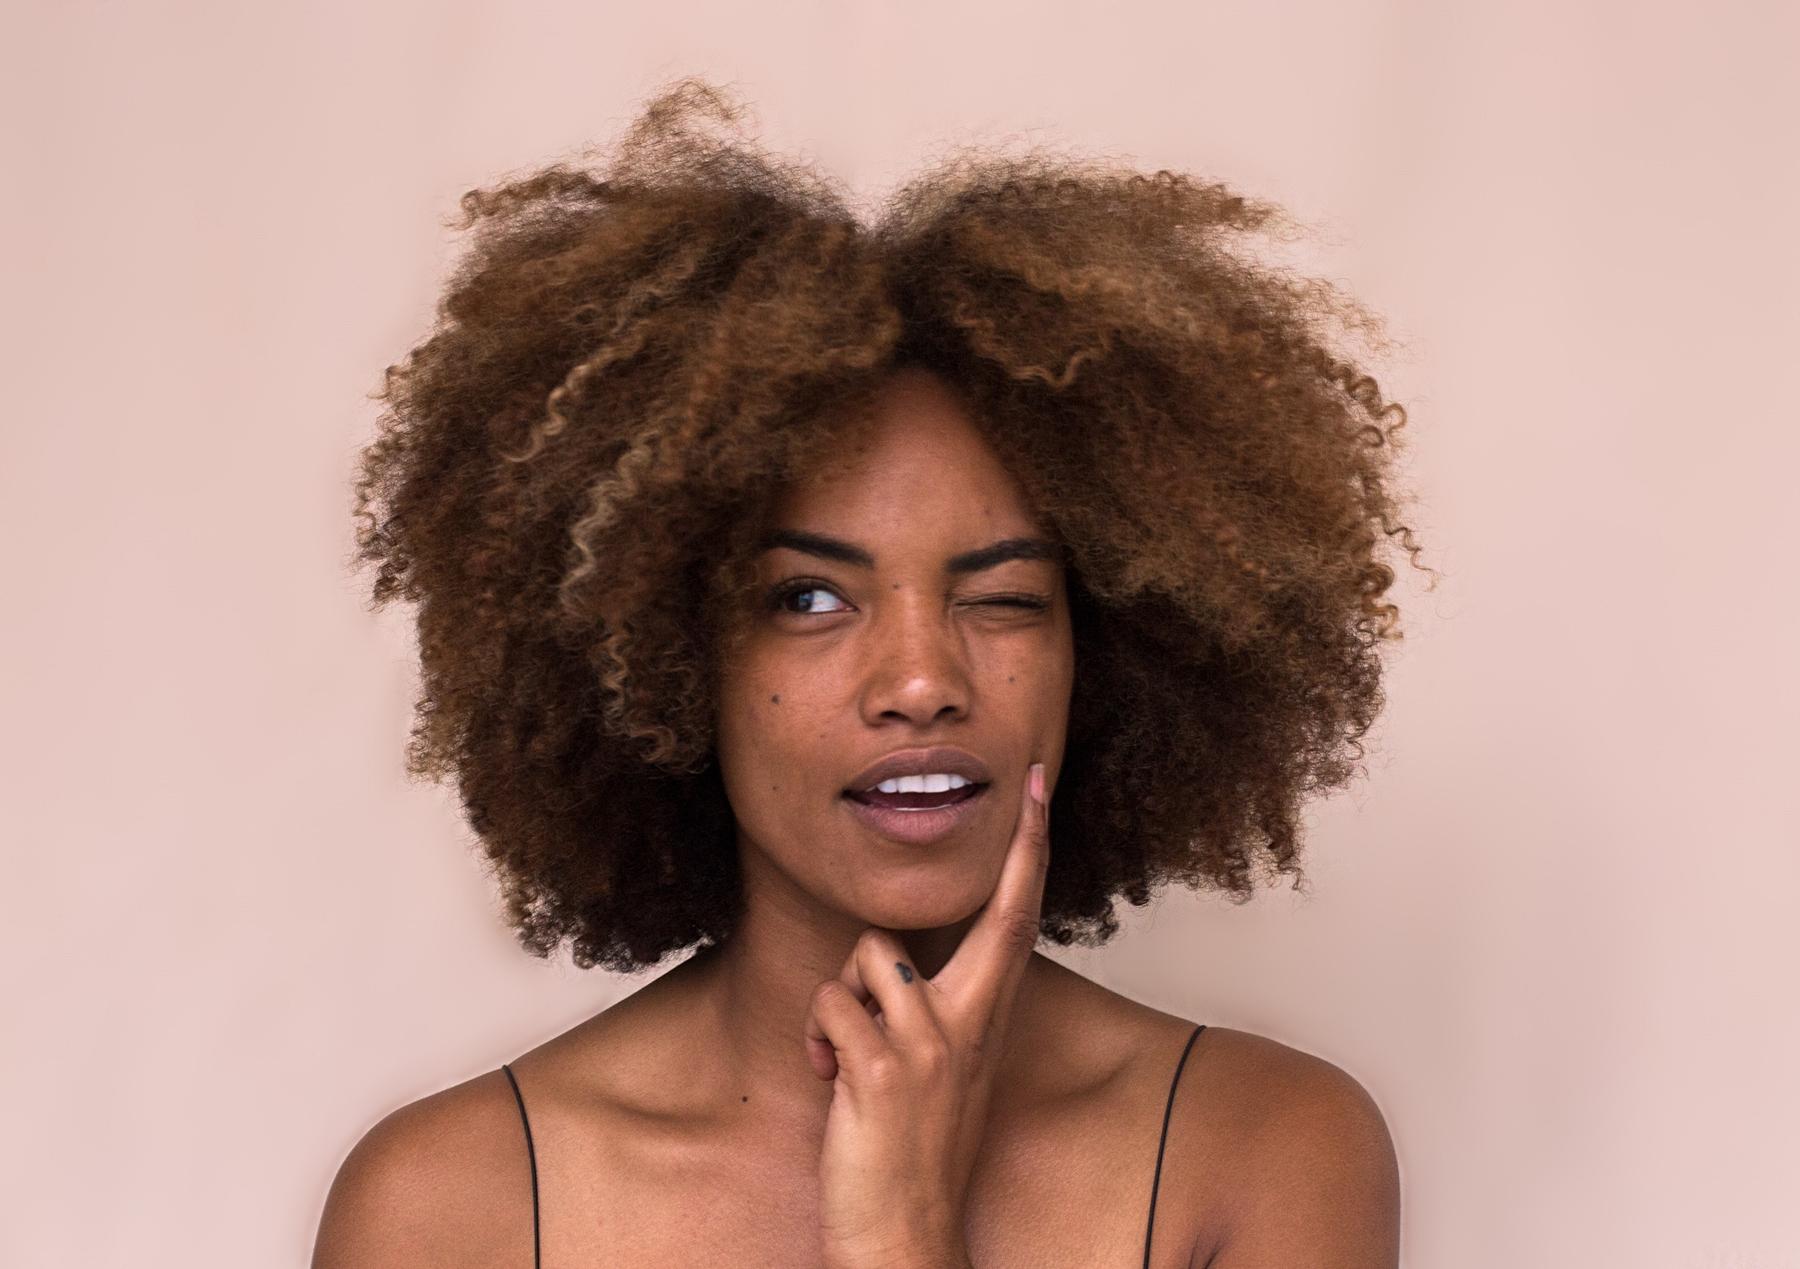 imagem de mulher negra de cabelos crespos com expressão de interrogação. texto sobre ácido hialurônico para cabelos crespos e cacheados: vantagens e dicas